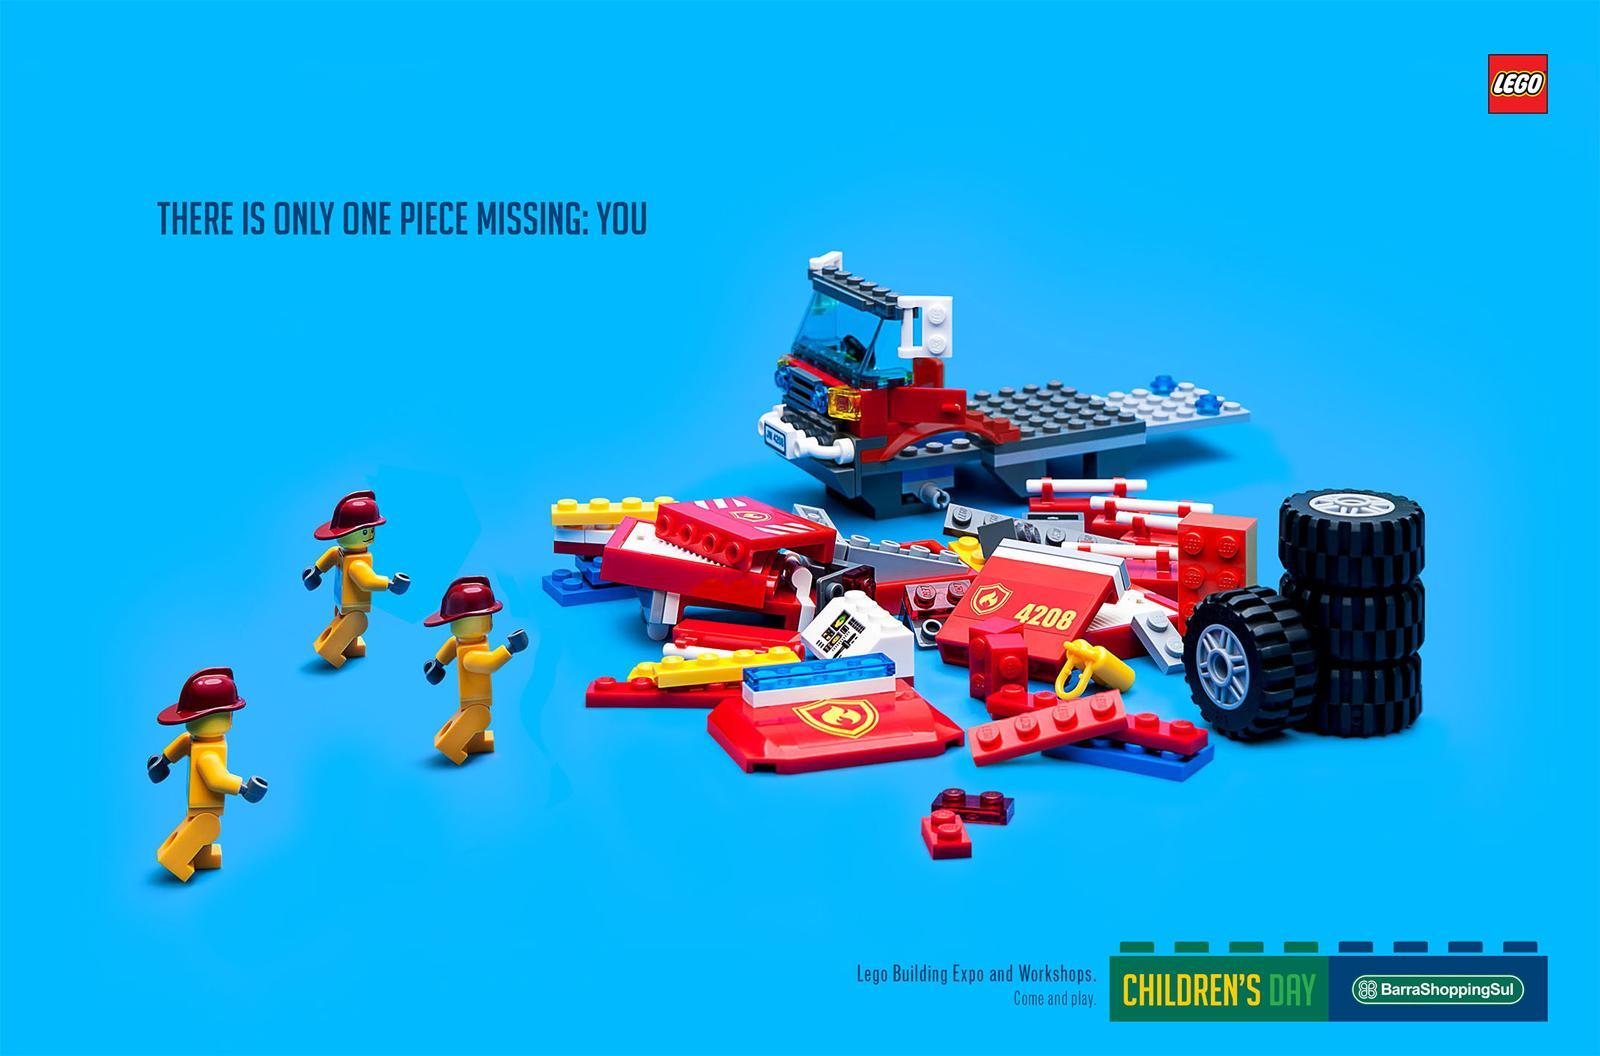 BarraShoppingSul Print Ad -  One piece missing, Boy